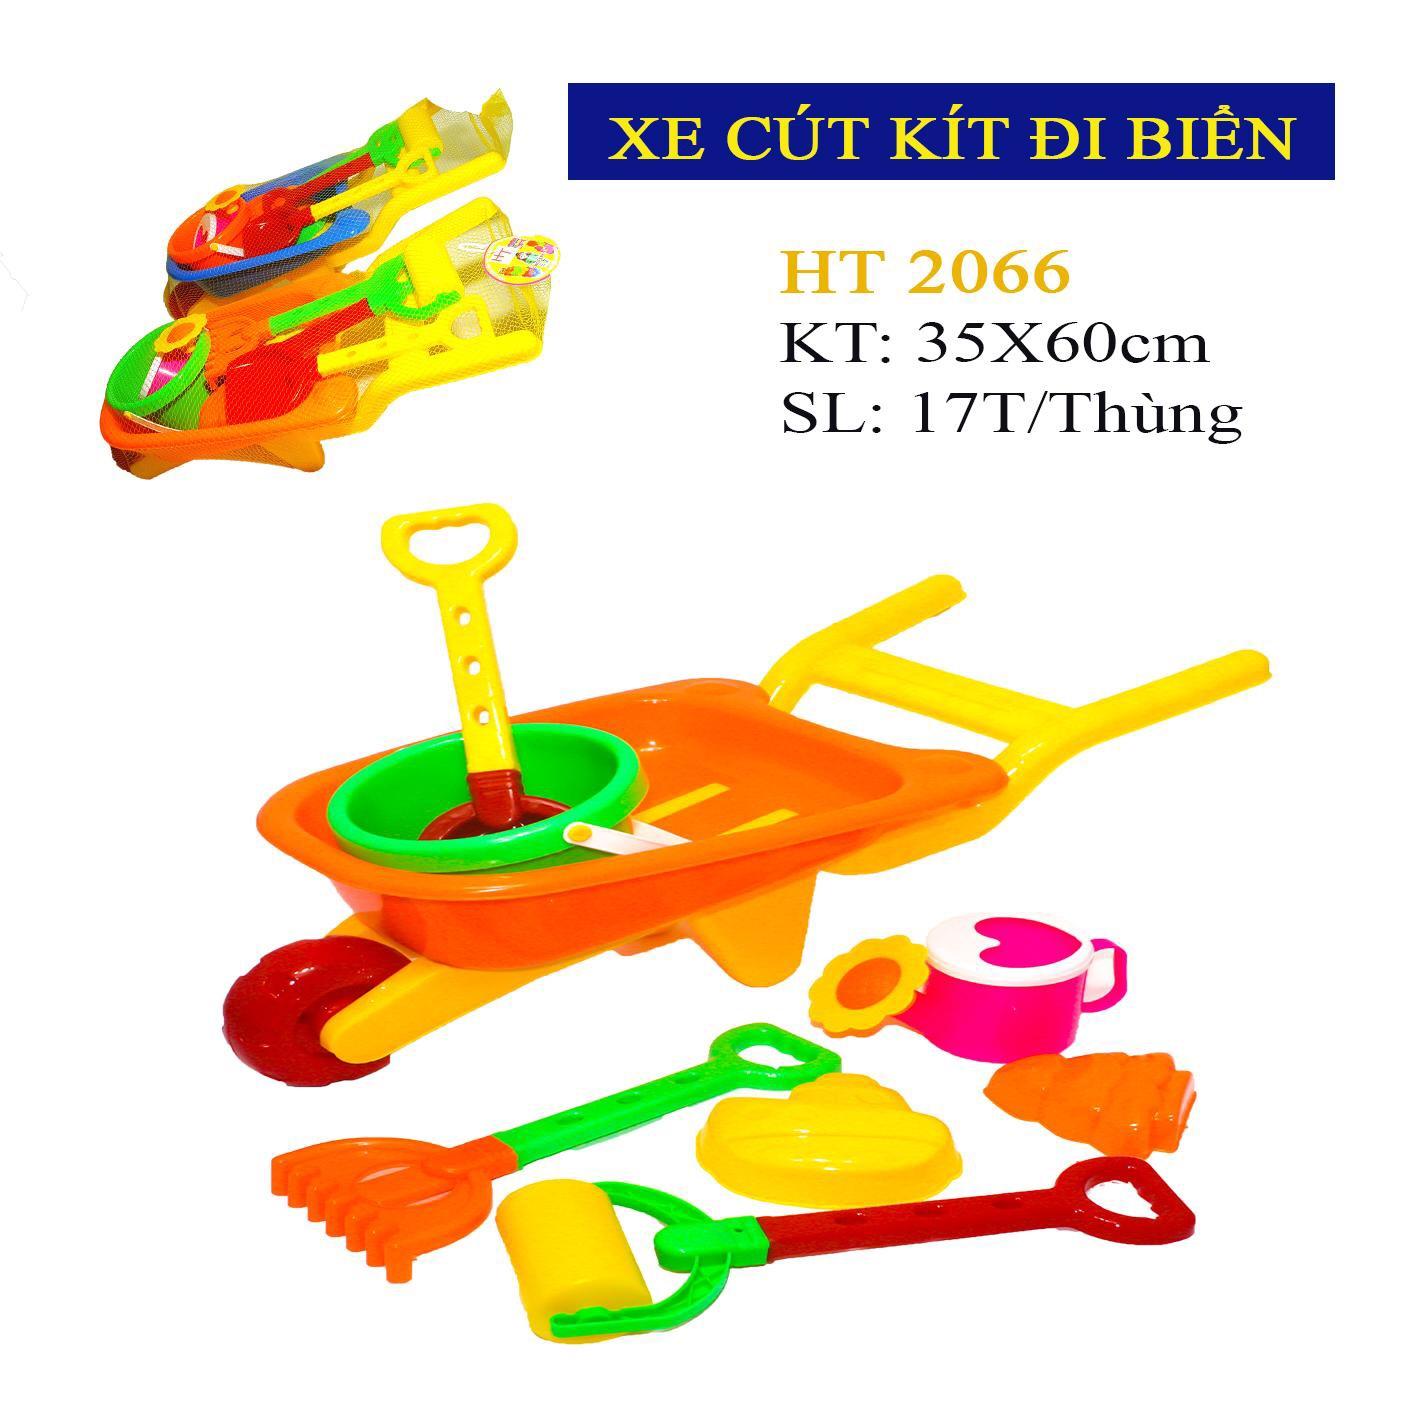 Bộ đồ chơi xe cút kít HT 2066